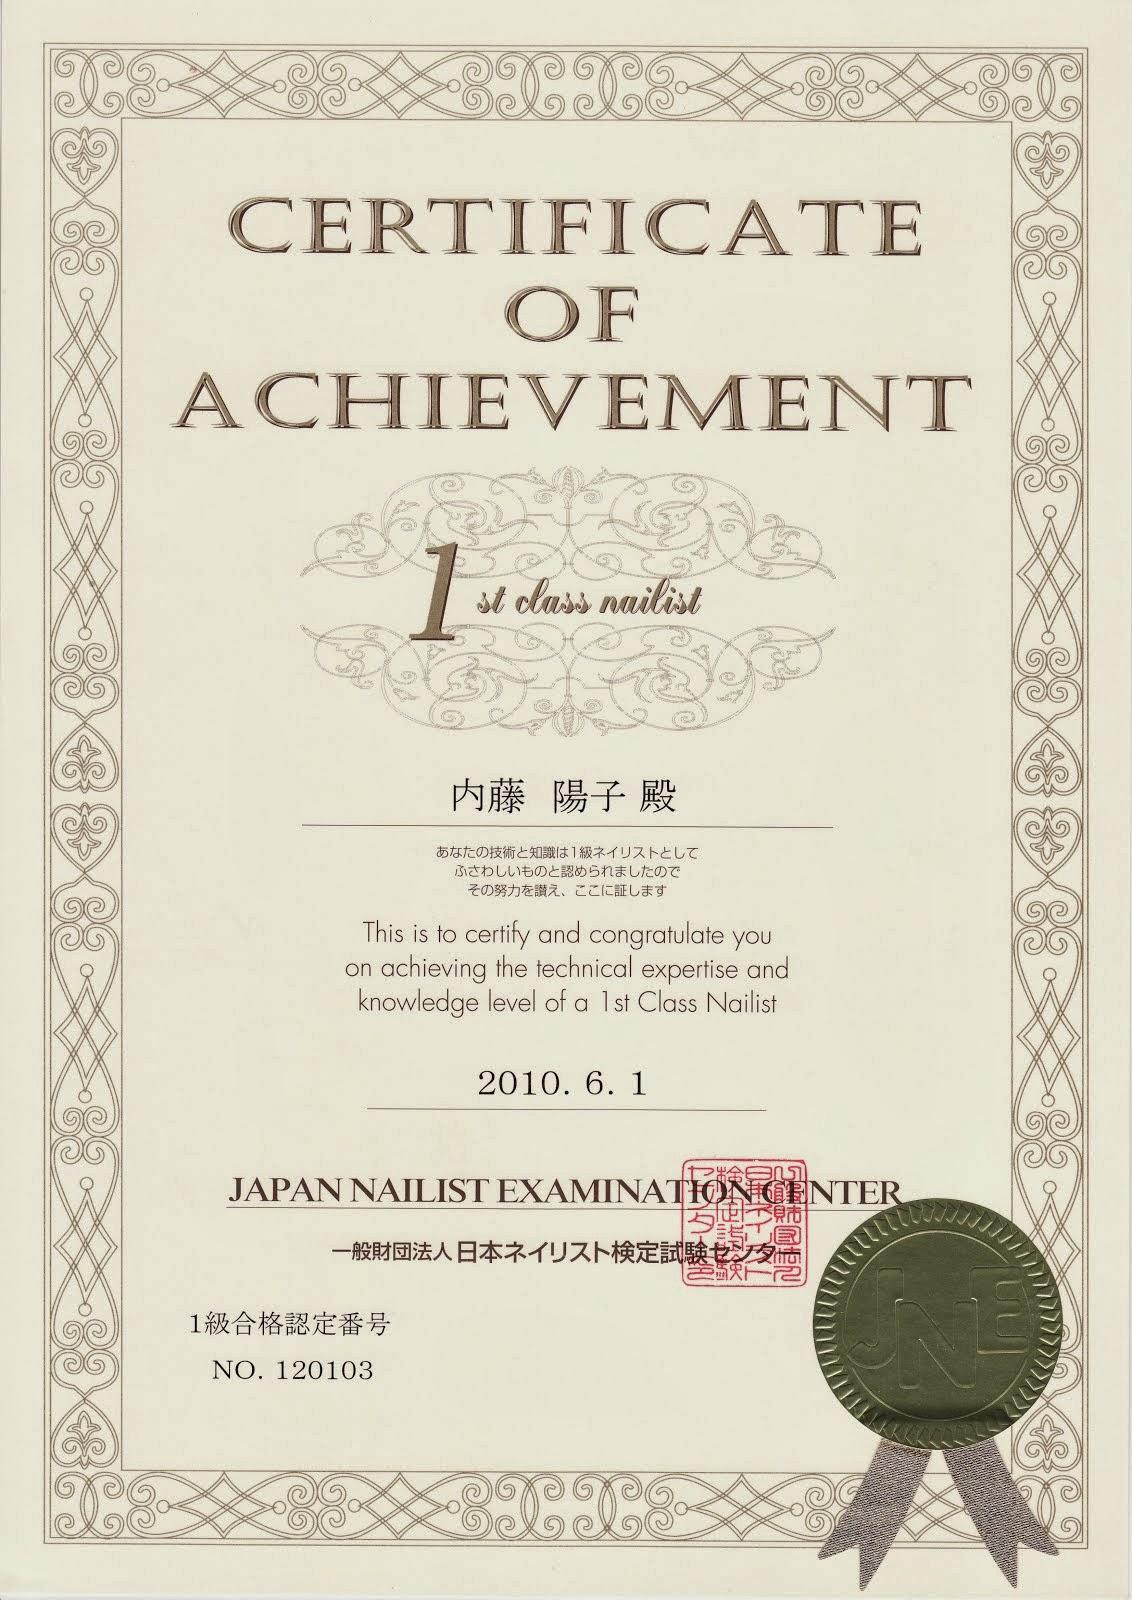 日本ネイリスト技術1級